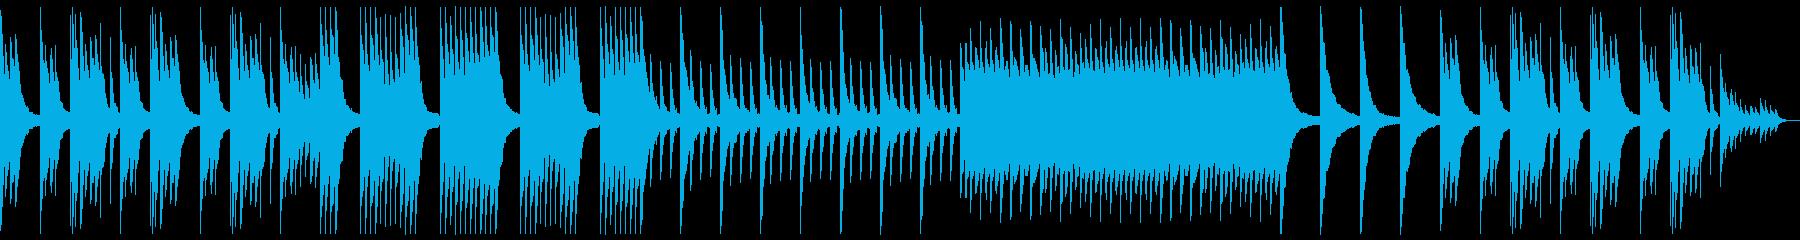 モノローグ感のある願いを感じる曲の再生済みの波形